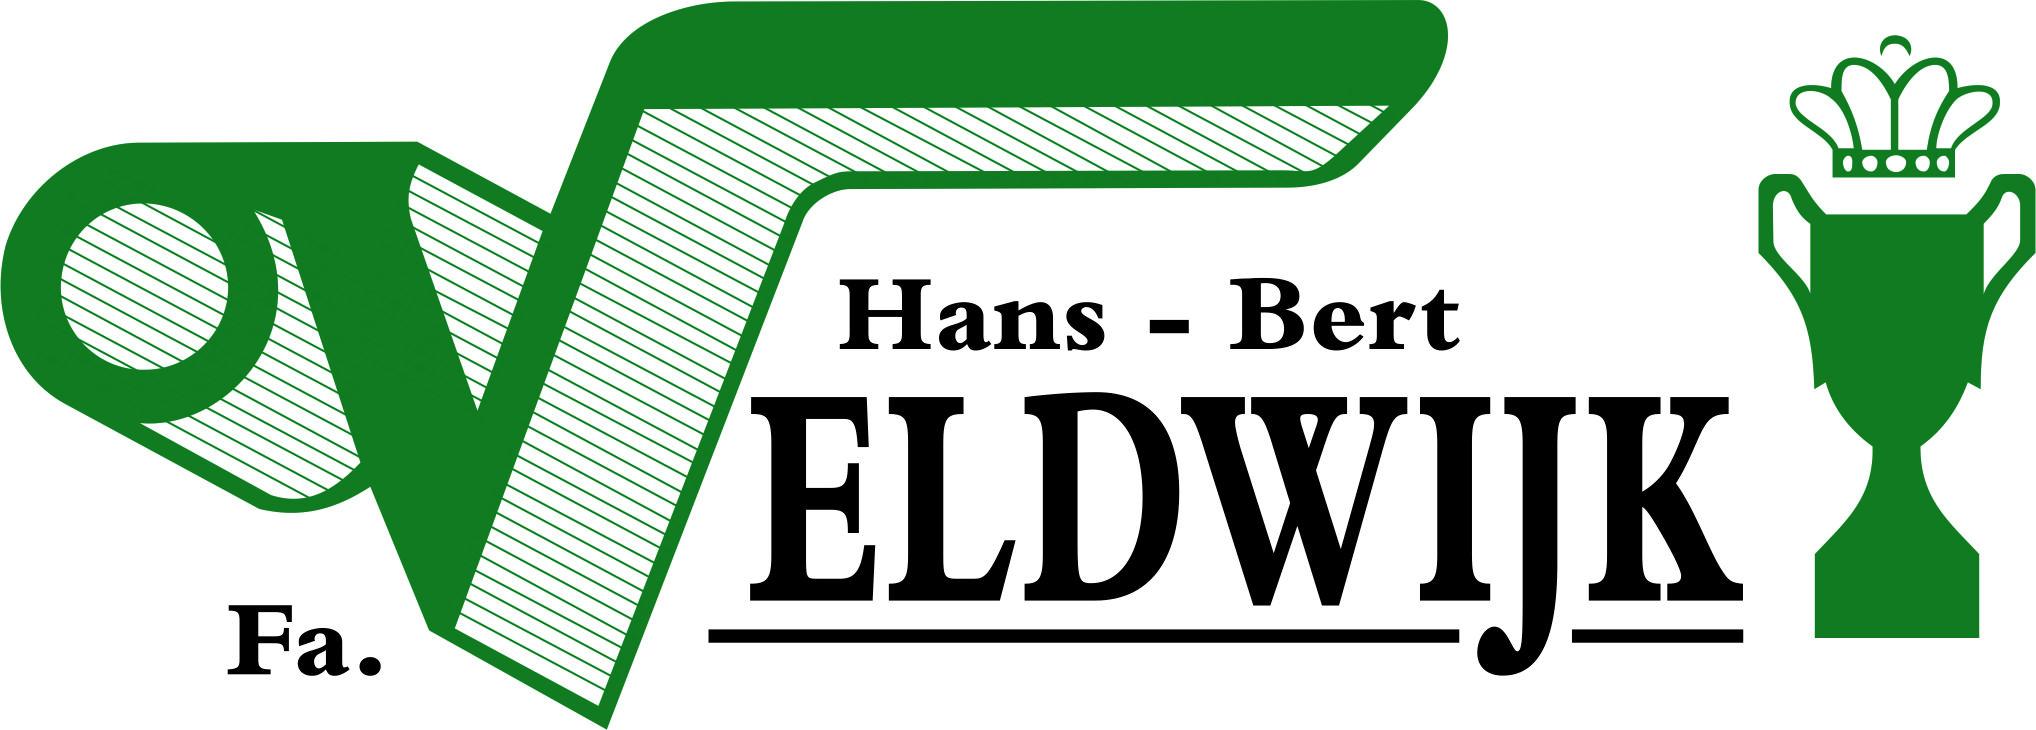 veldwijk logo